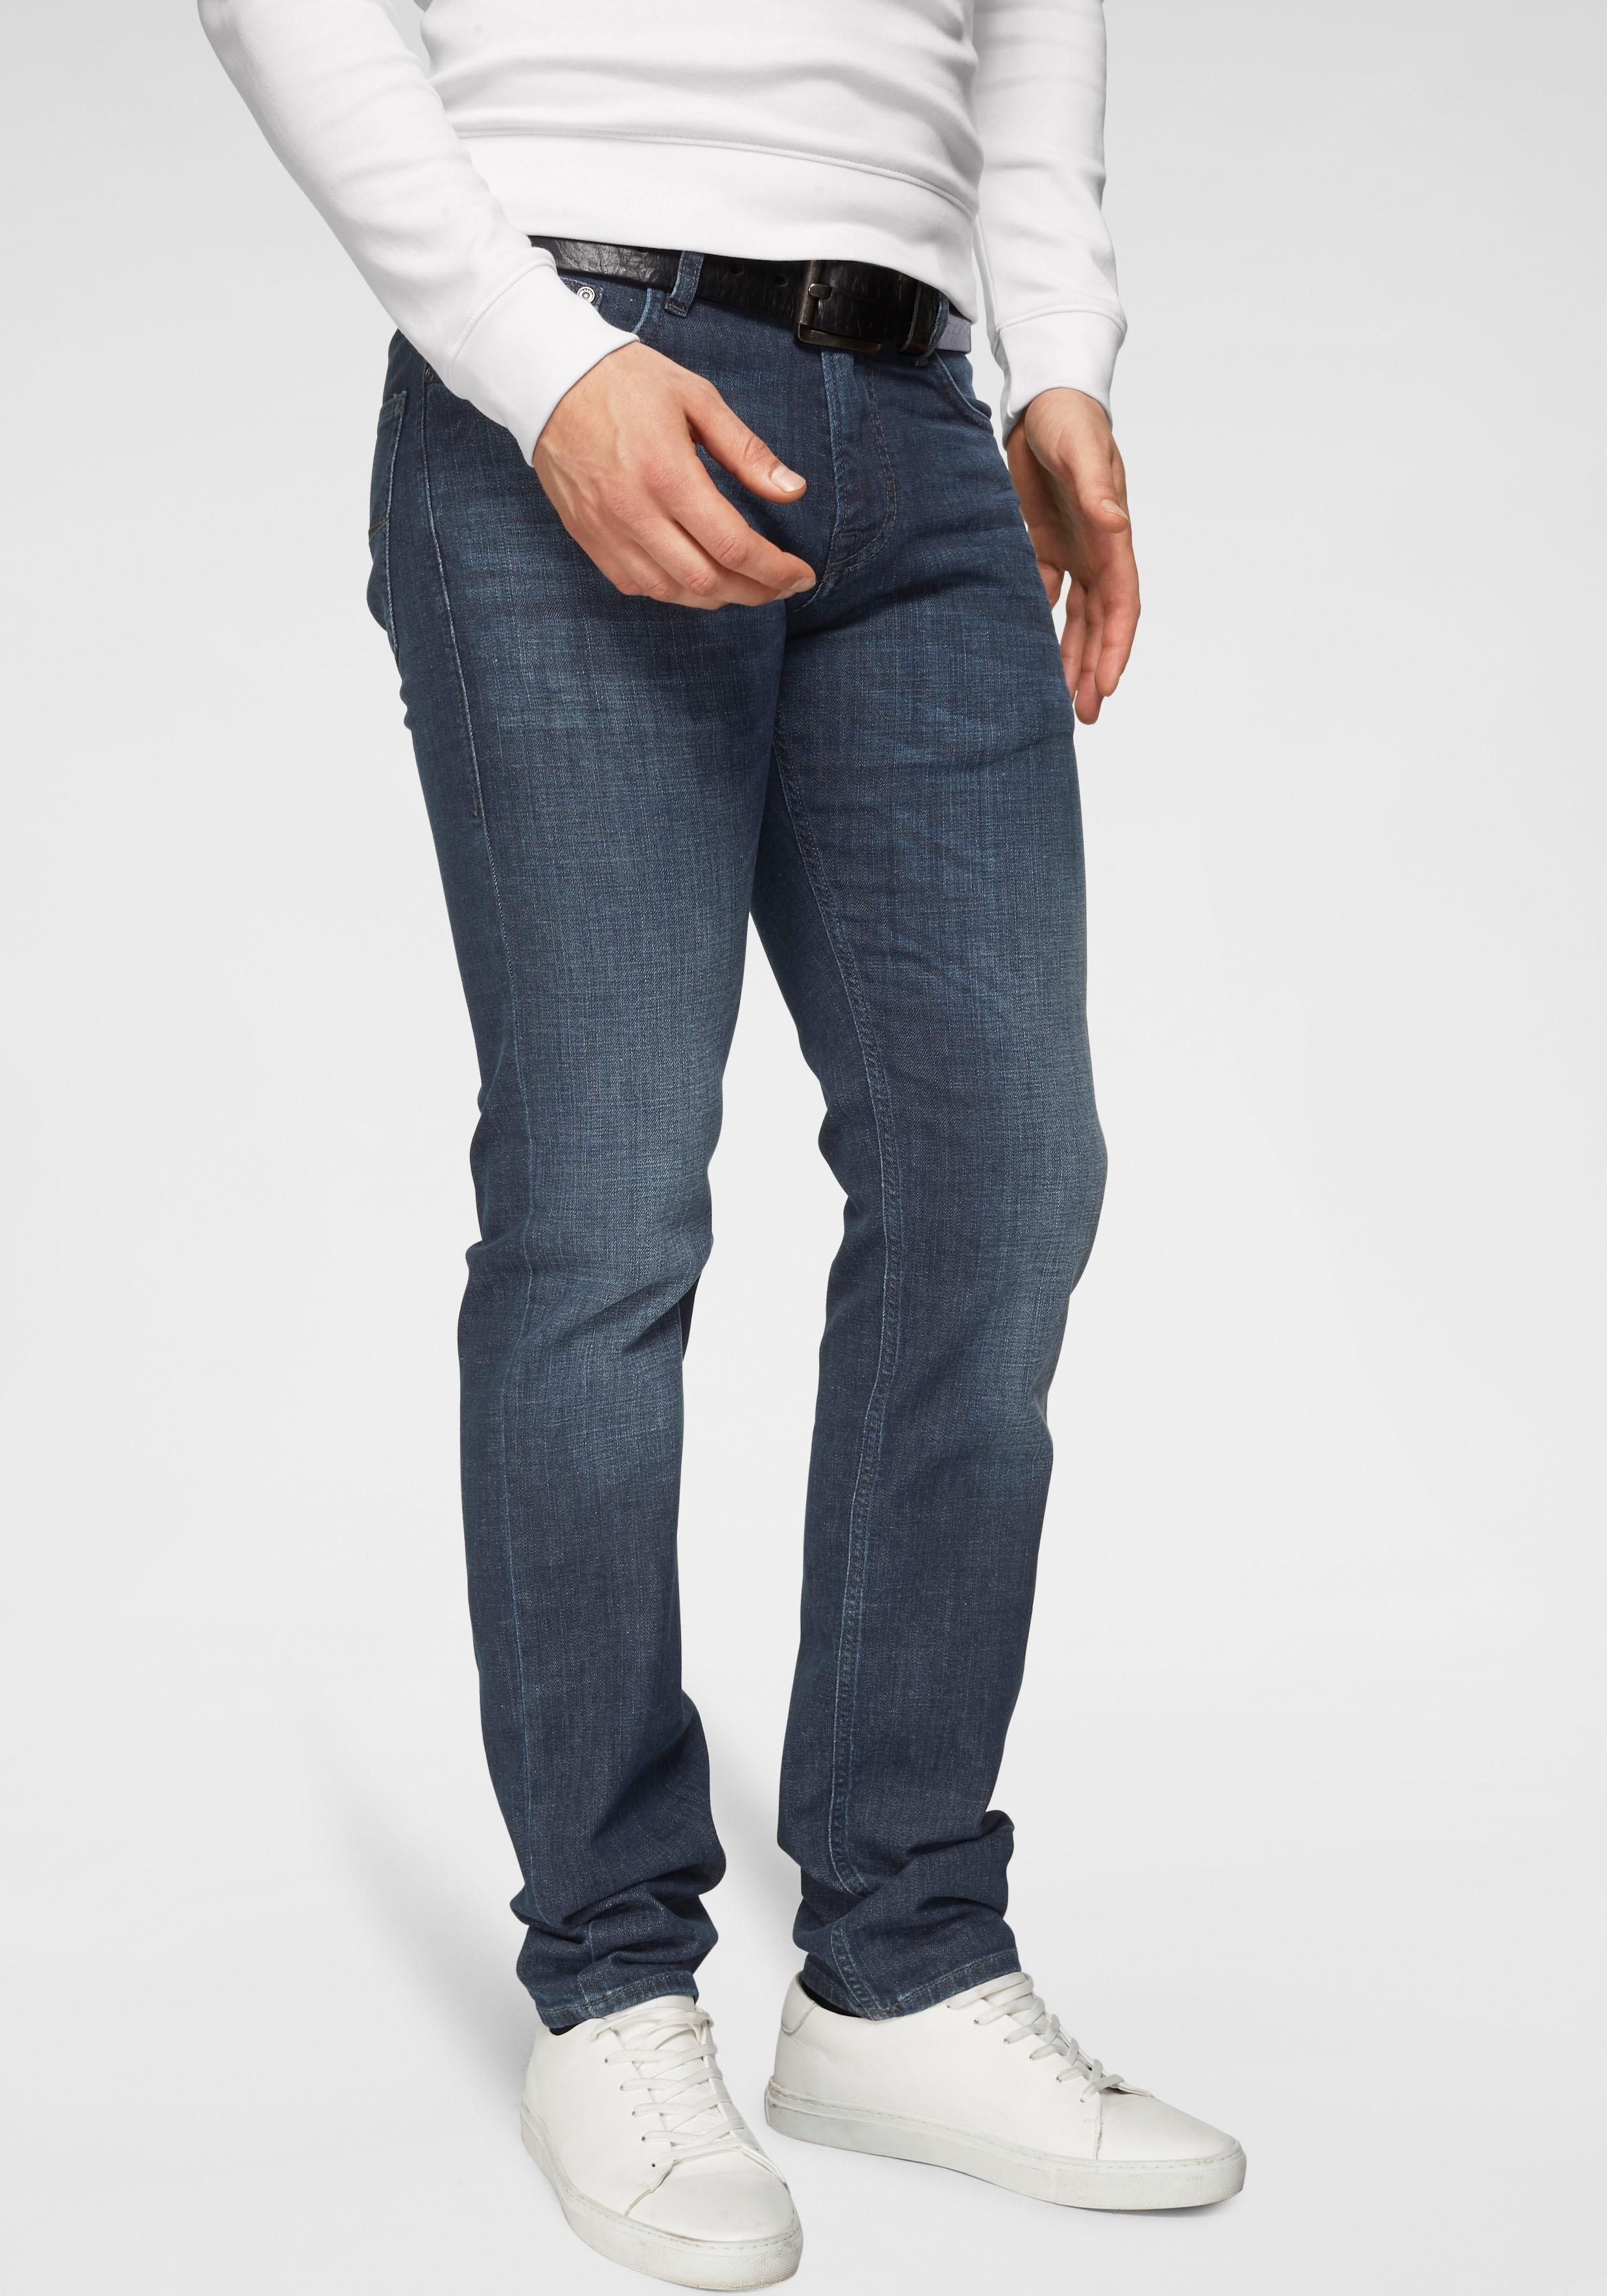 Joop Jeans 5-pocketsjeans MODERN FIT